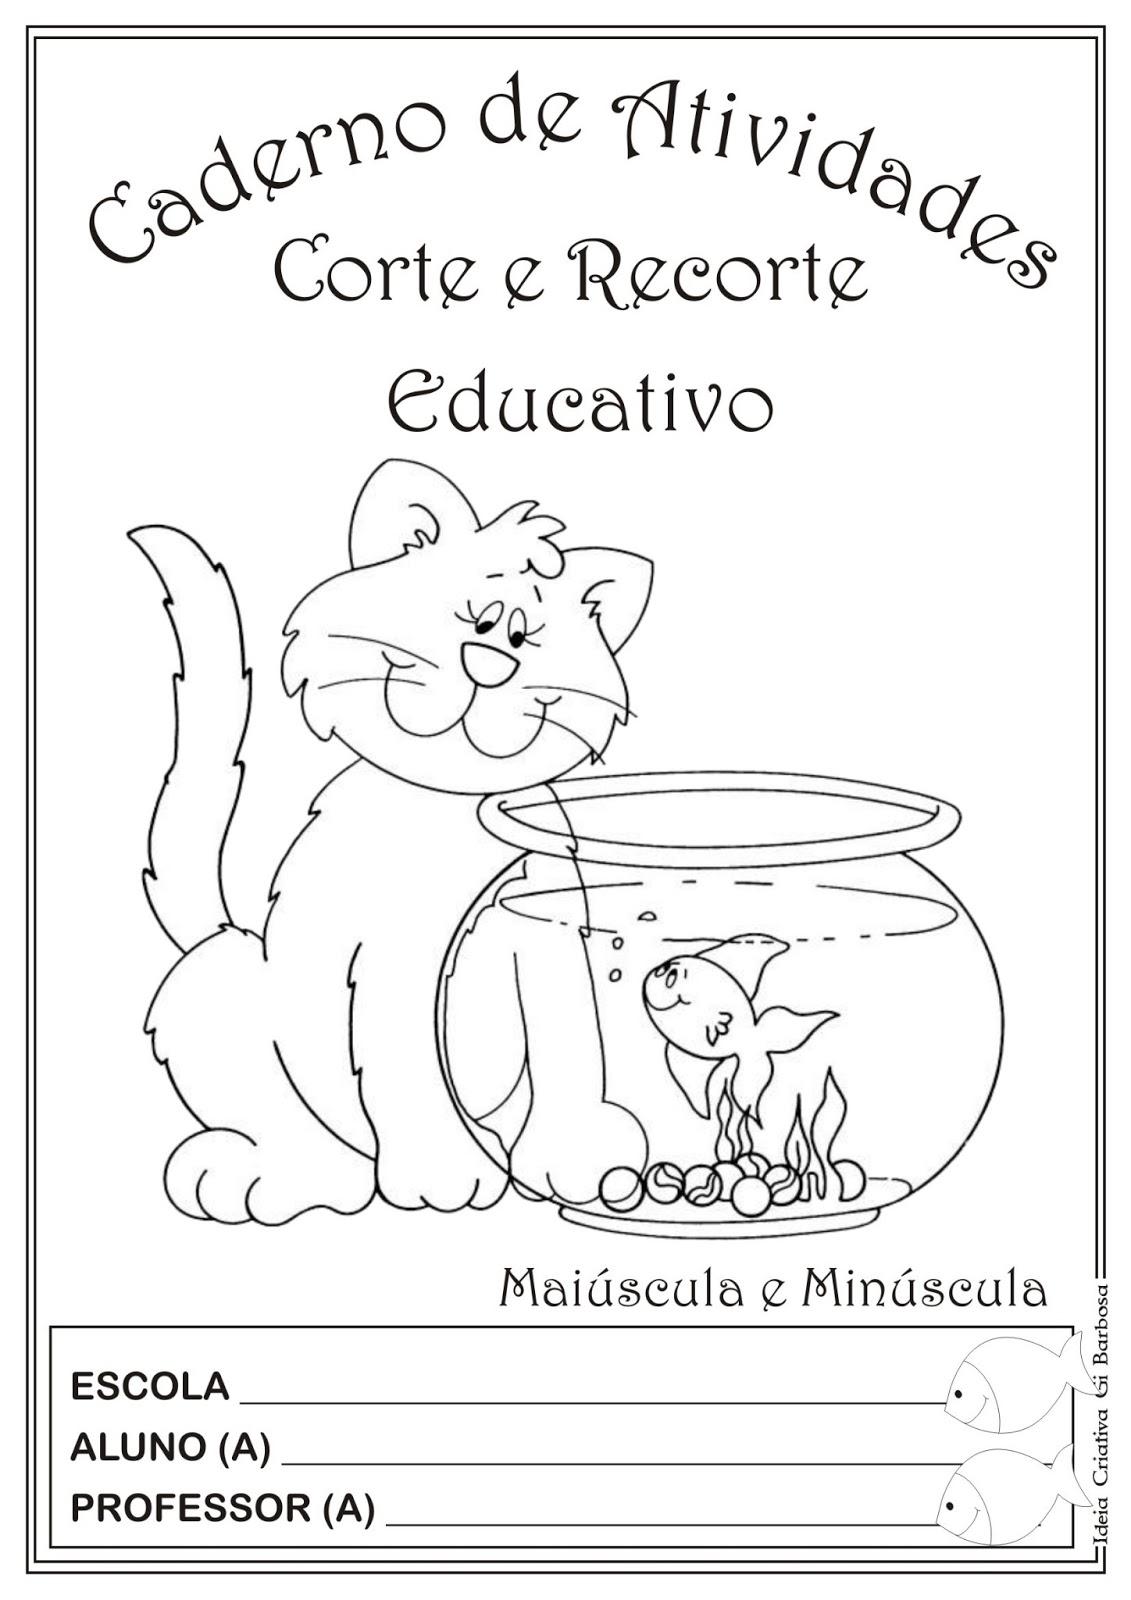 Favoritos Caderno de Atividades Grátis para imprimir - Corte e Recorte  LK39